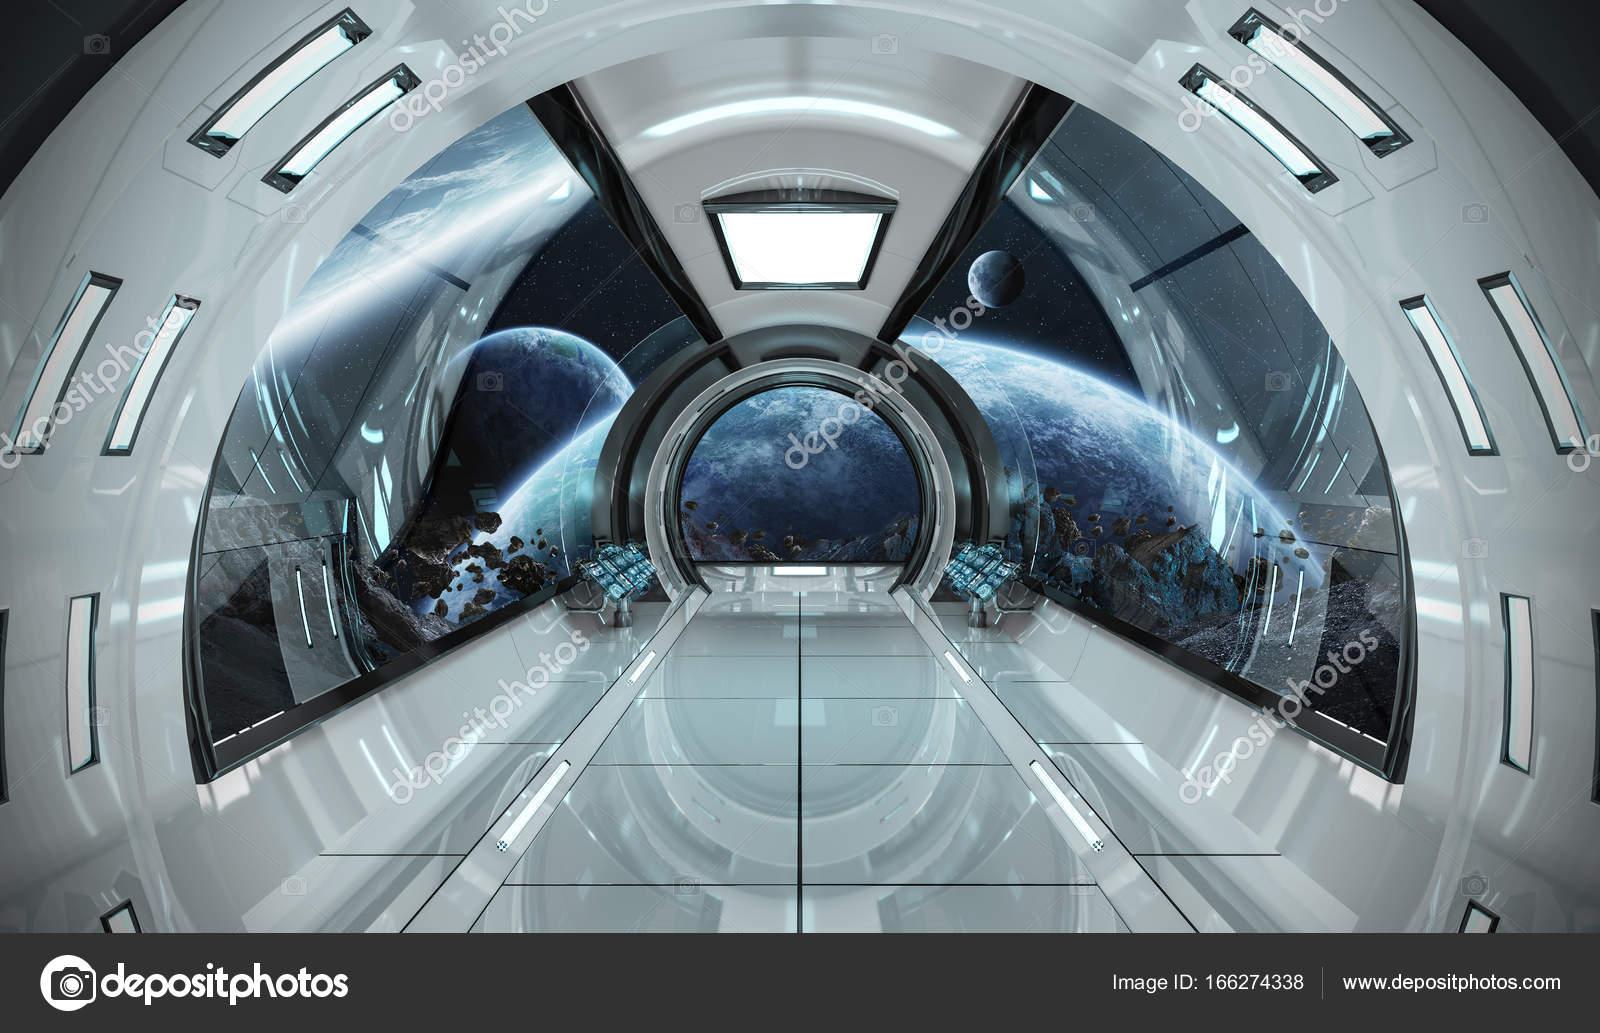 Interior De Ventana De Nave Espacial: Interior Da Nave Espacial Com Vista Sobre Elementos De